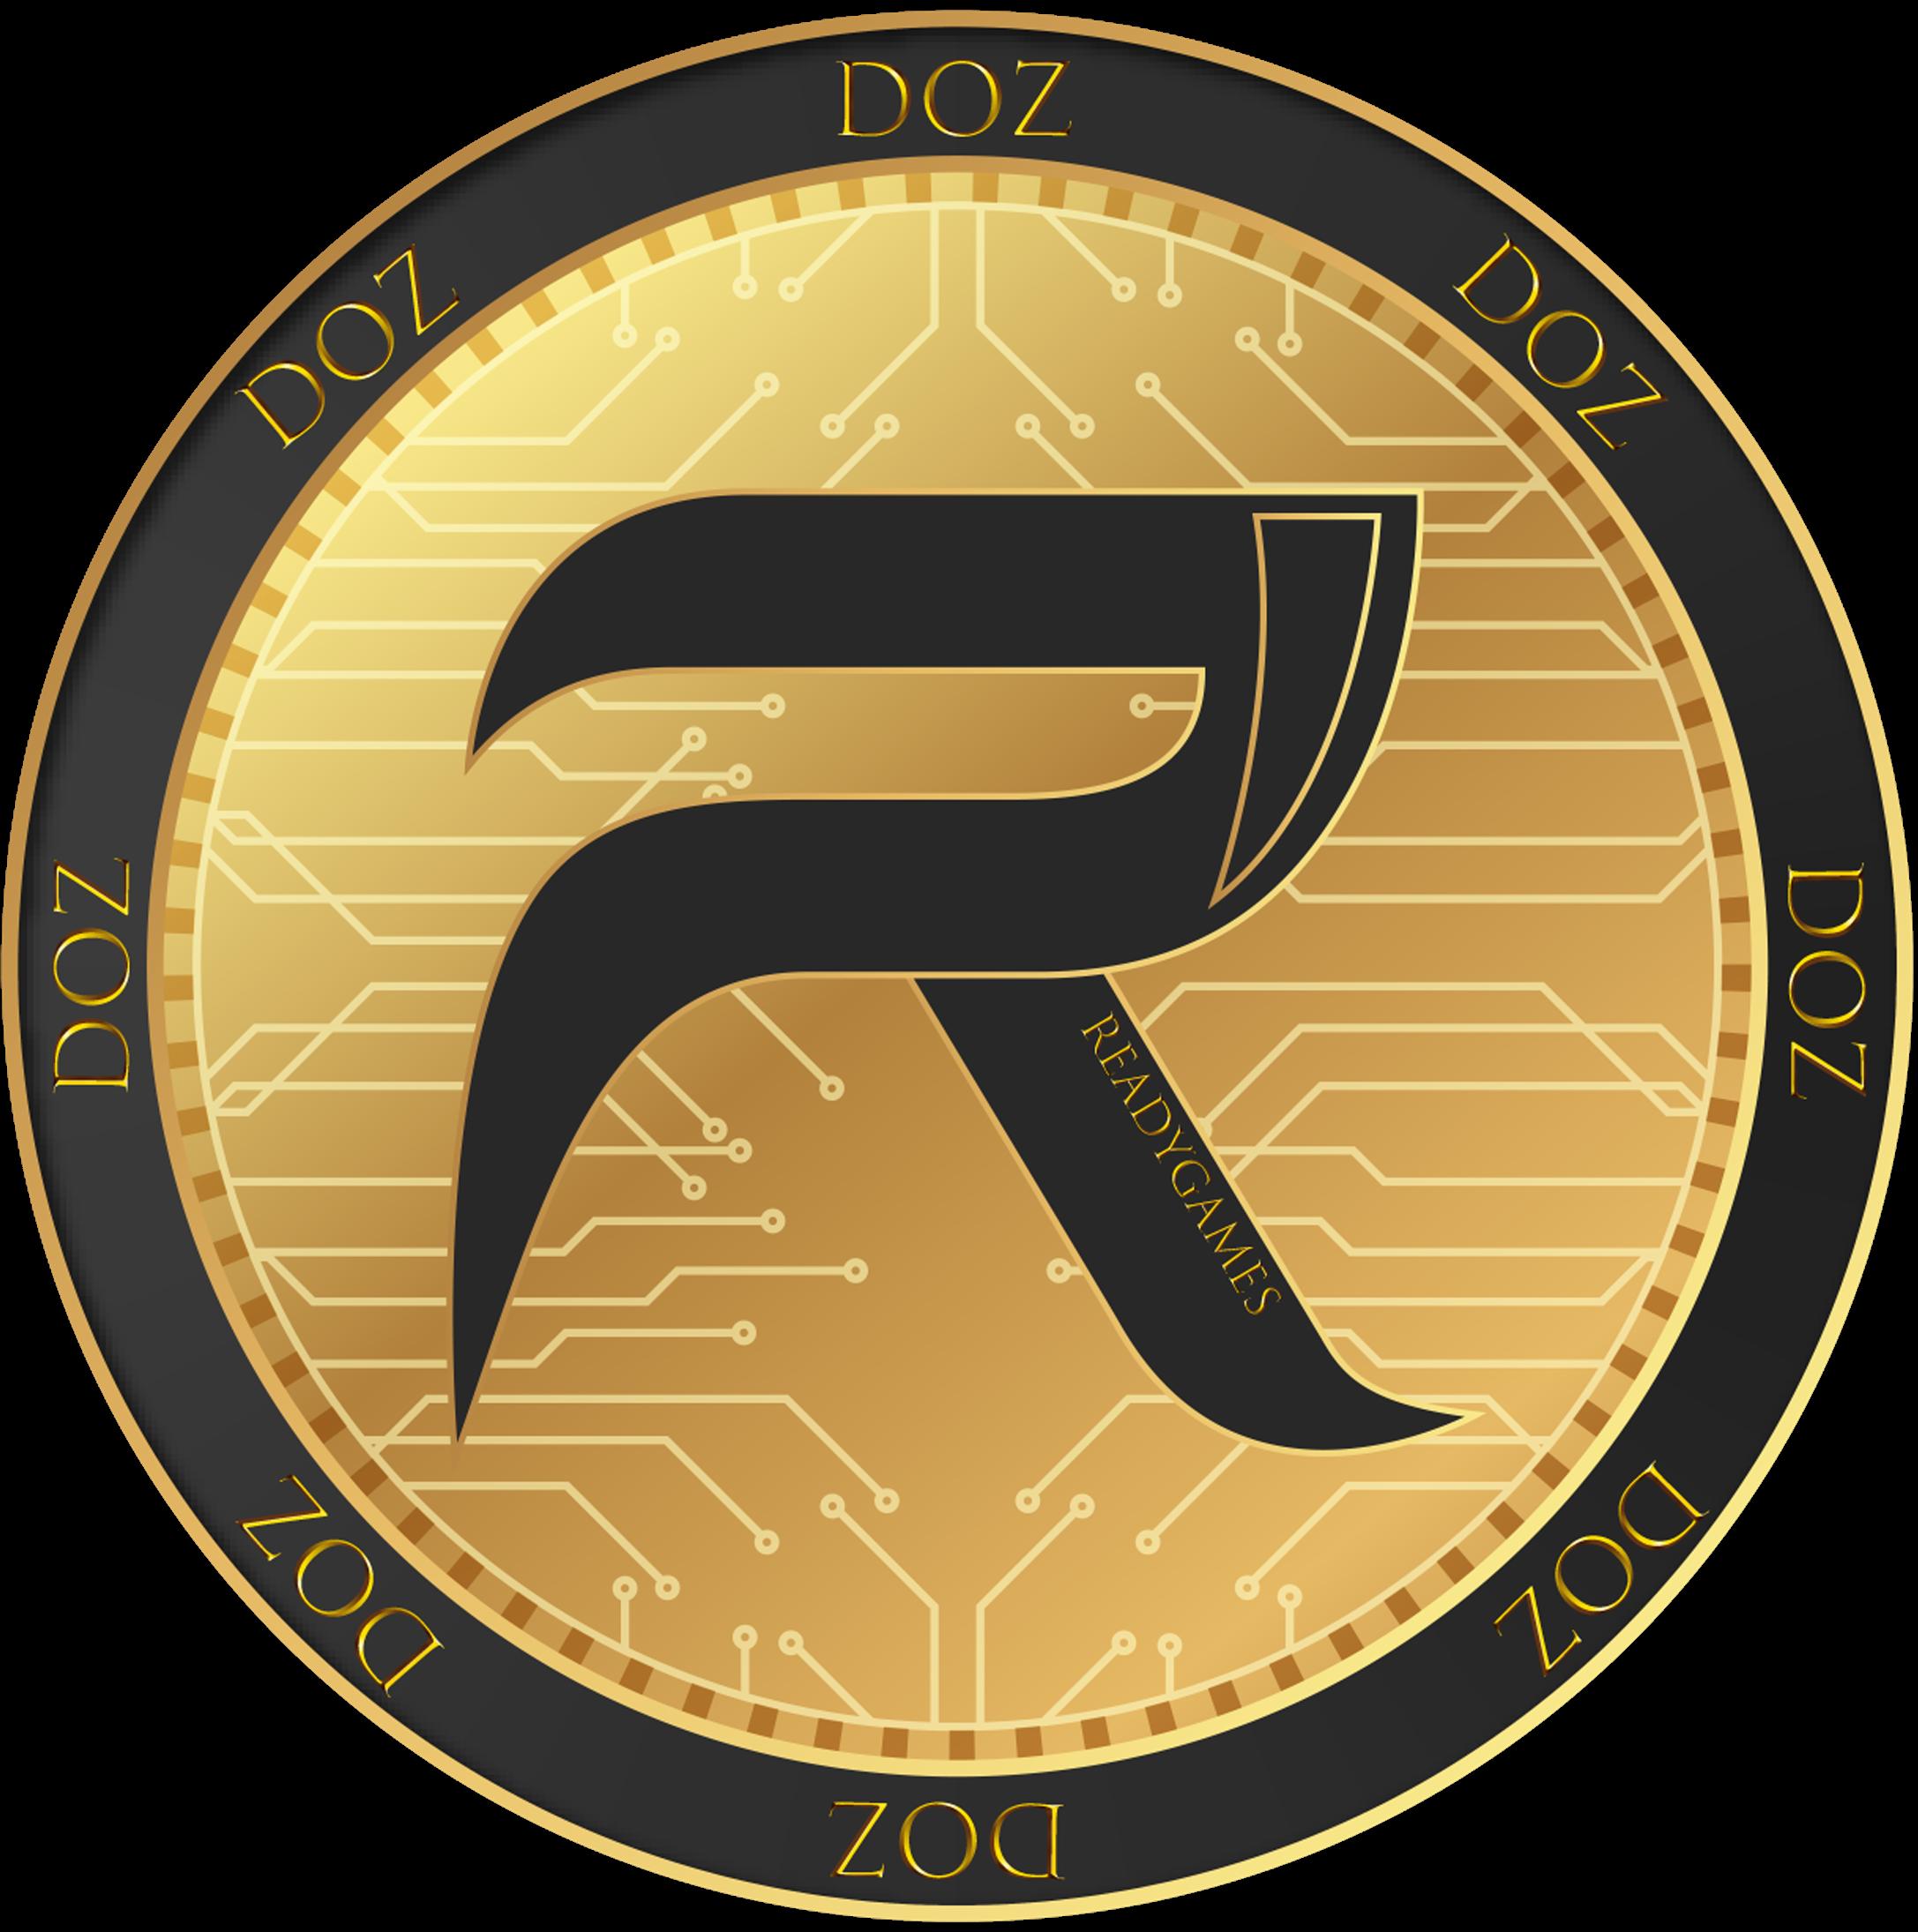 First Arabic Crypto Currency - الدوز | العملة الإلكترونية العربية الأولىخدمات الدوز تشمل سوق الدوز, بنك الدوز الإلكتروني ومنجم الدوز